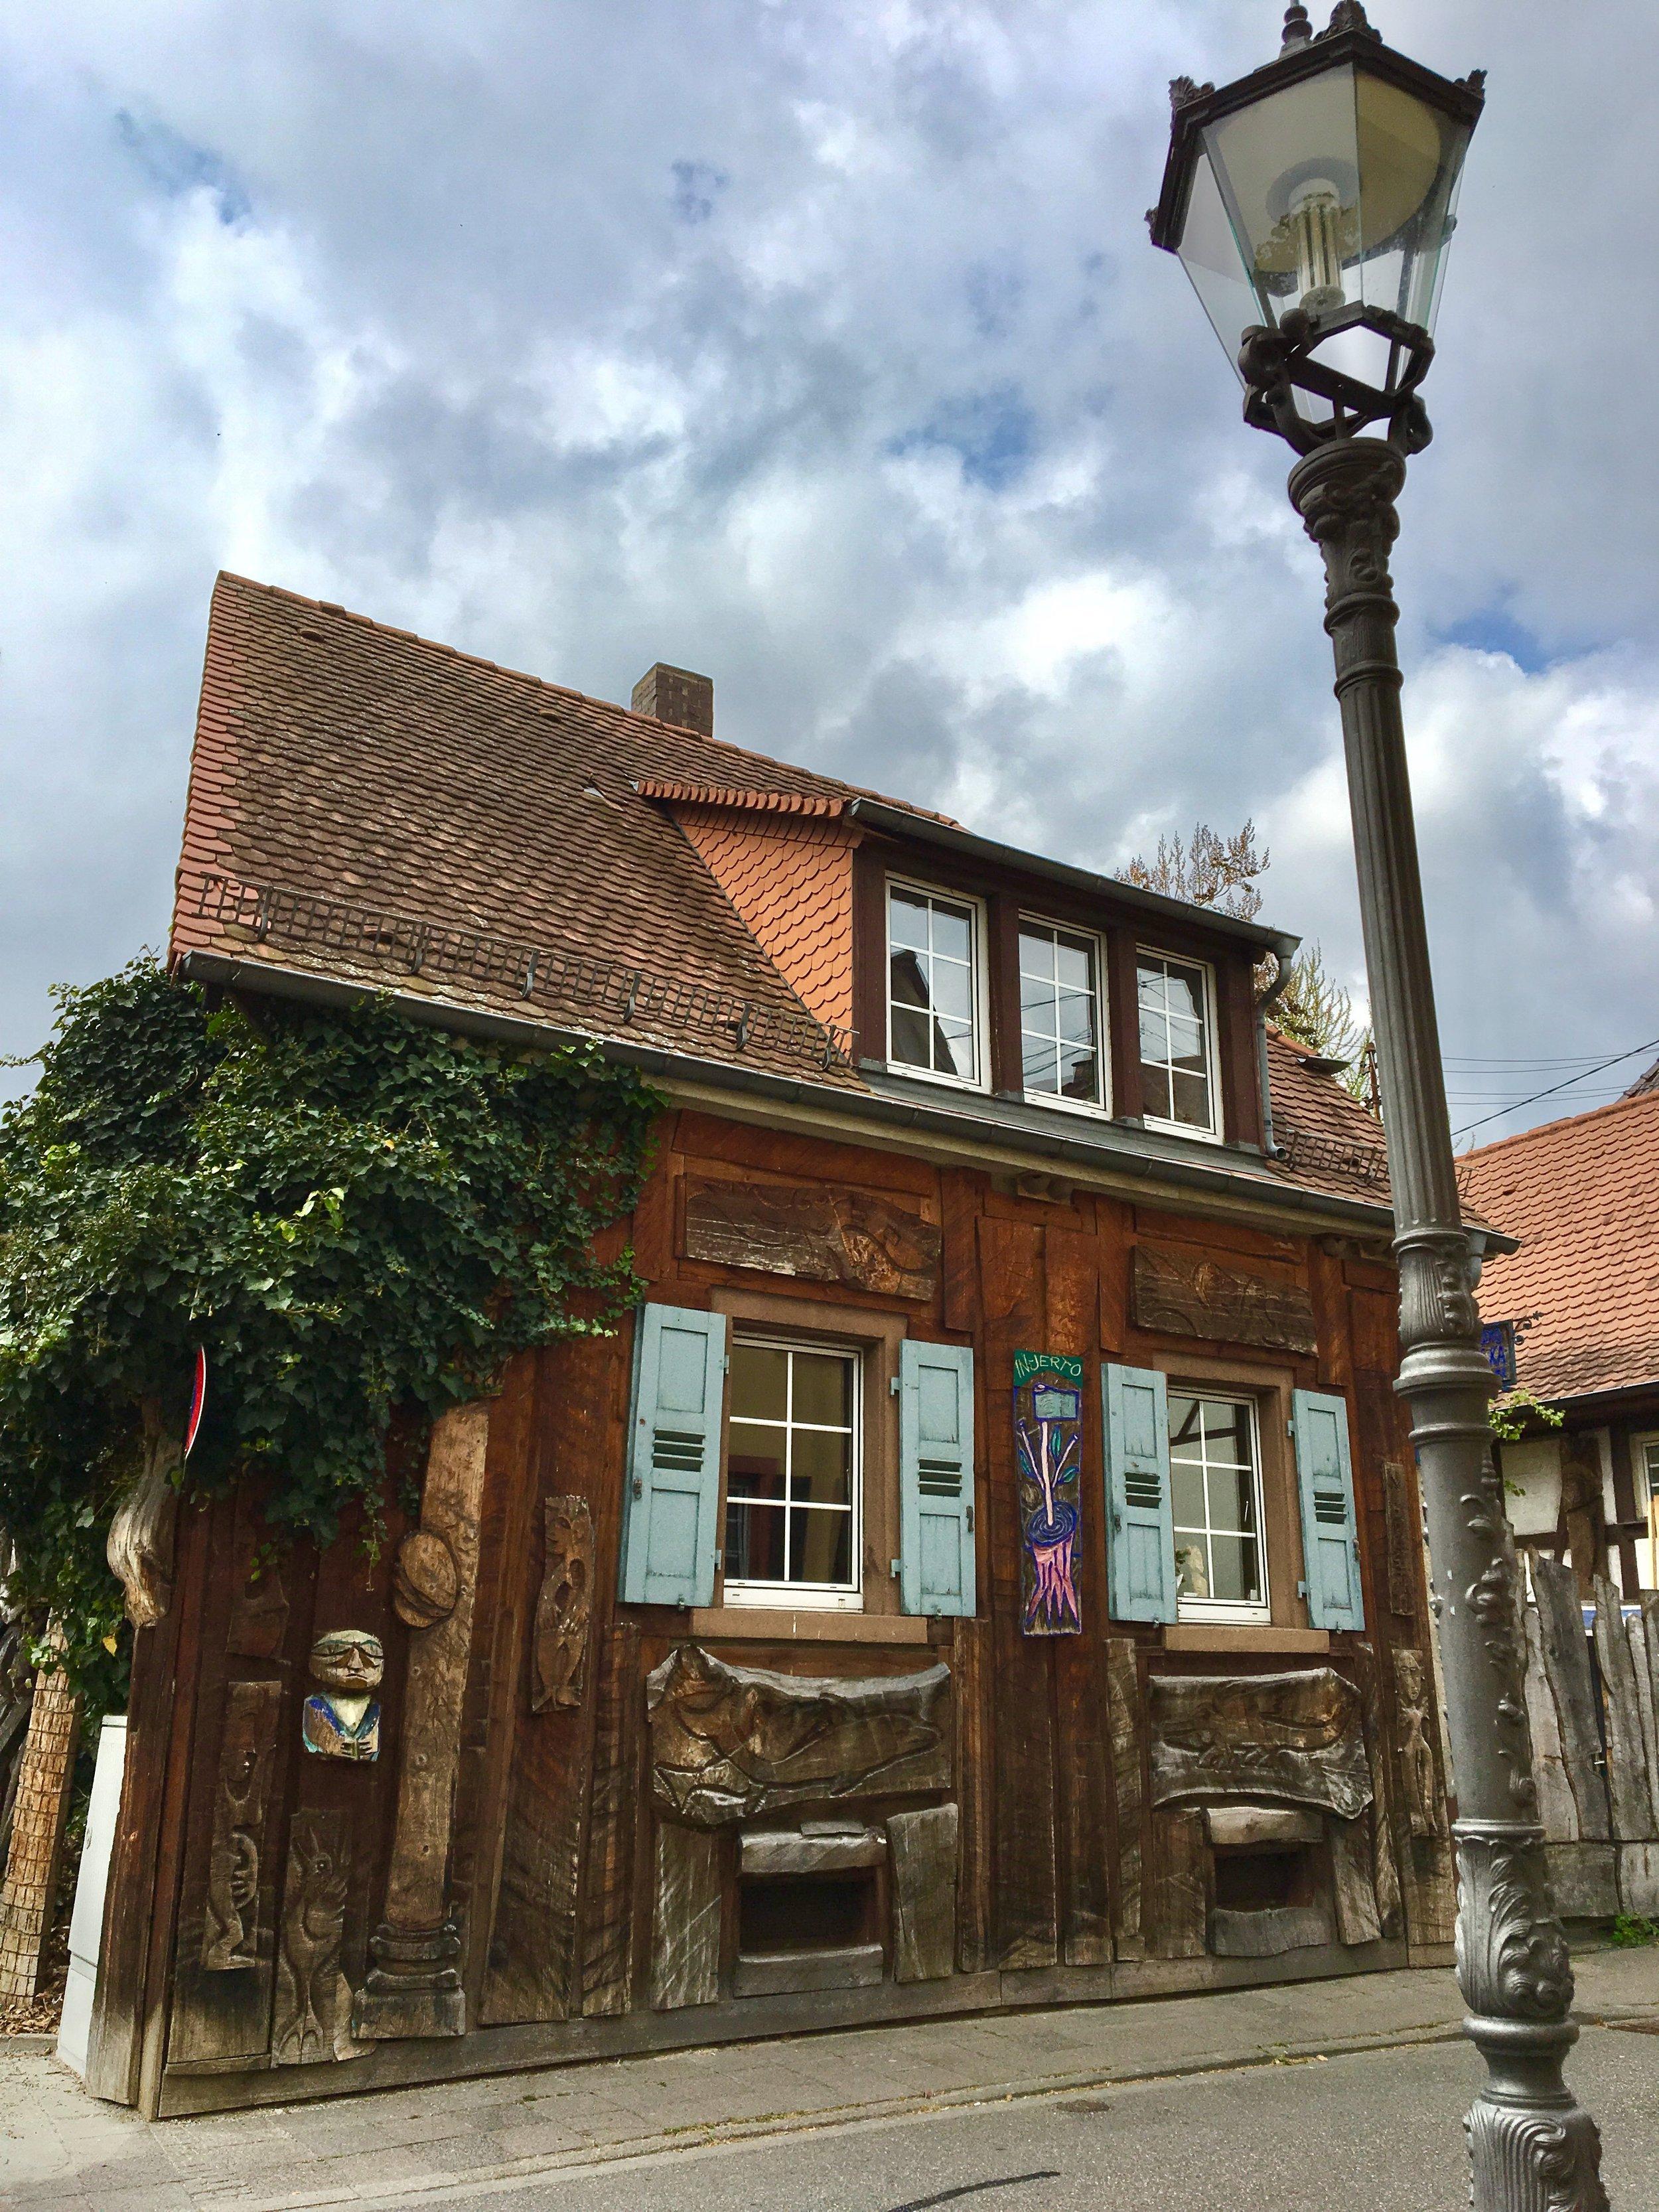 Artist's Town of Grötzingen